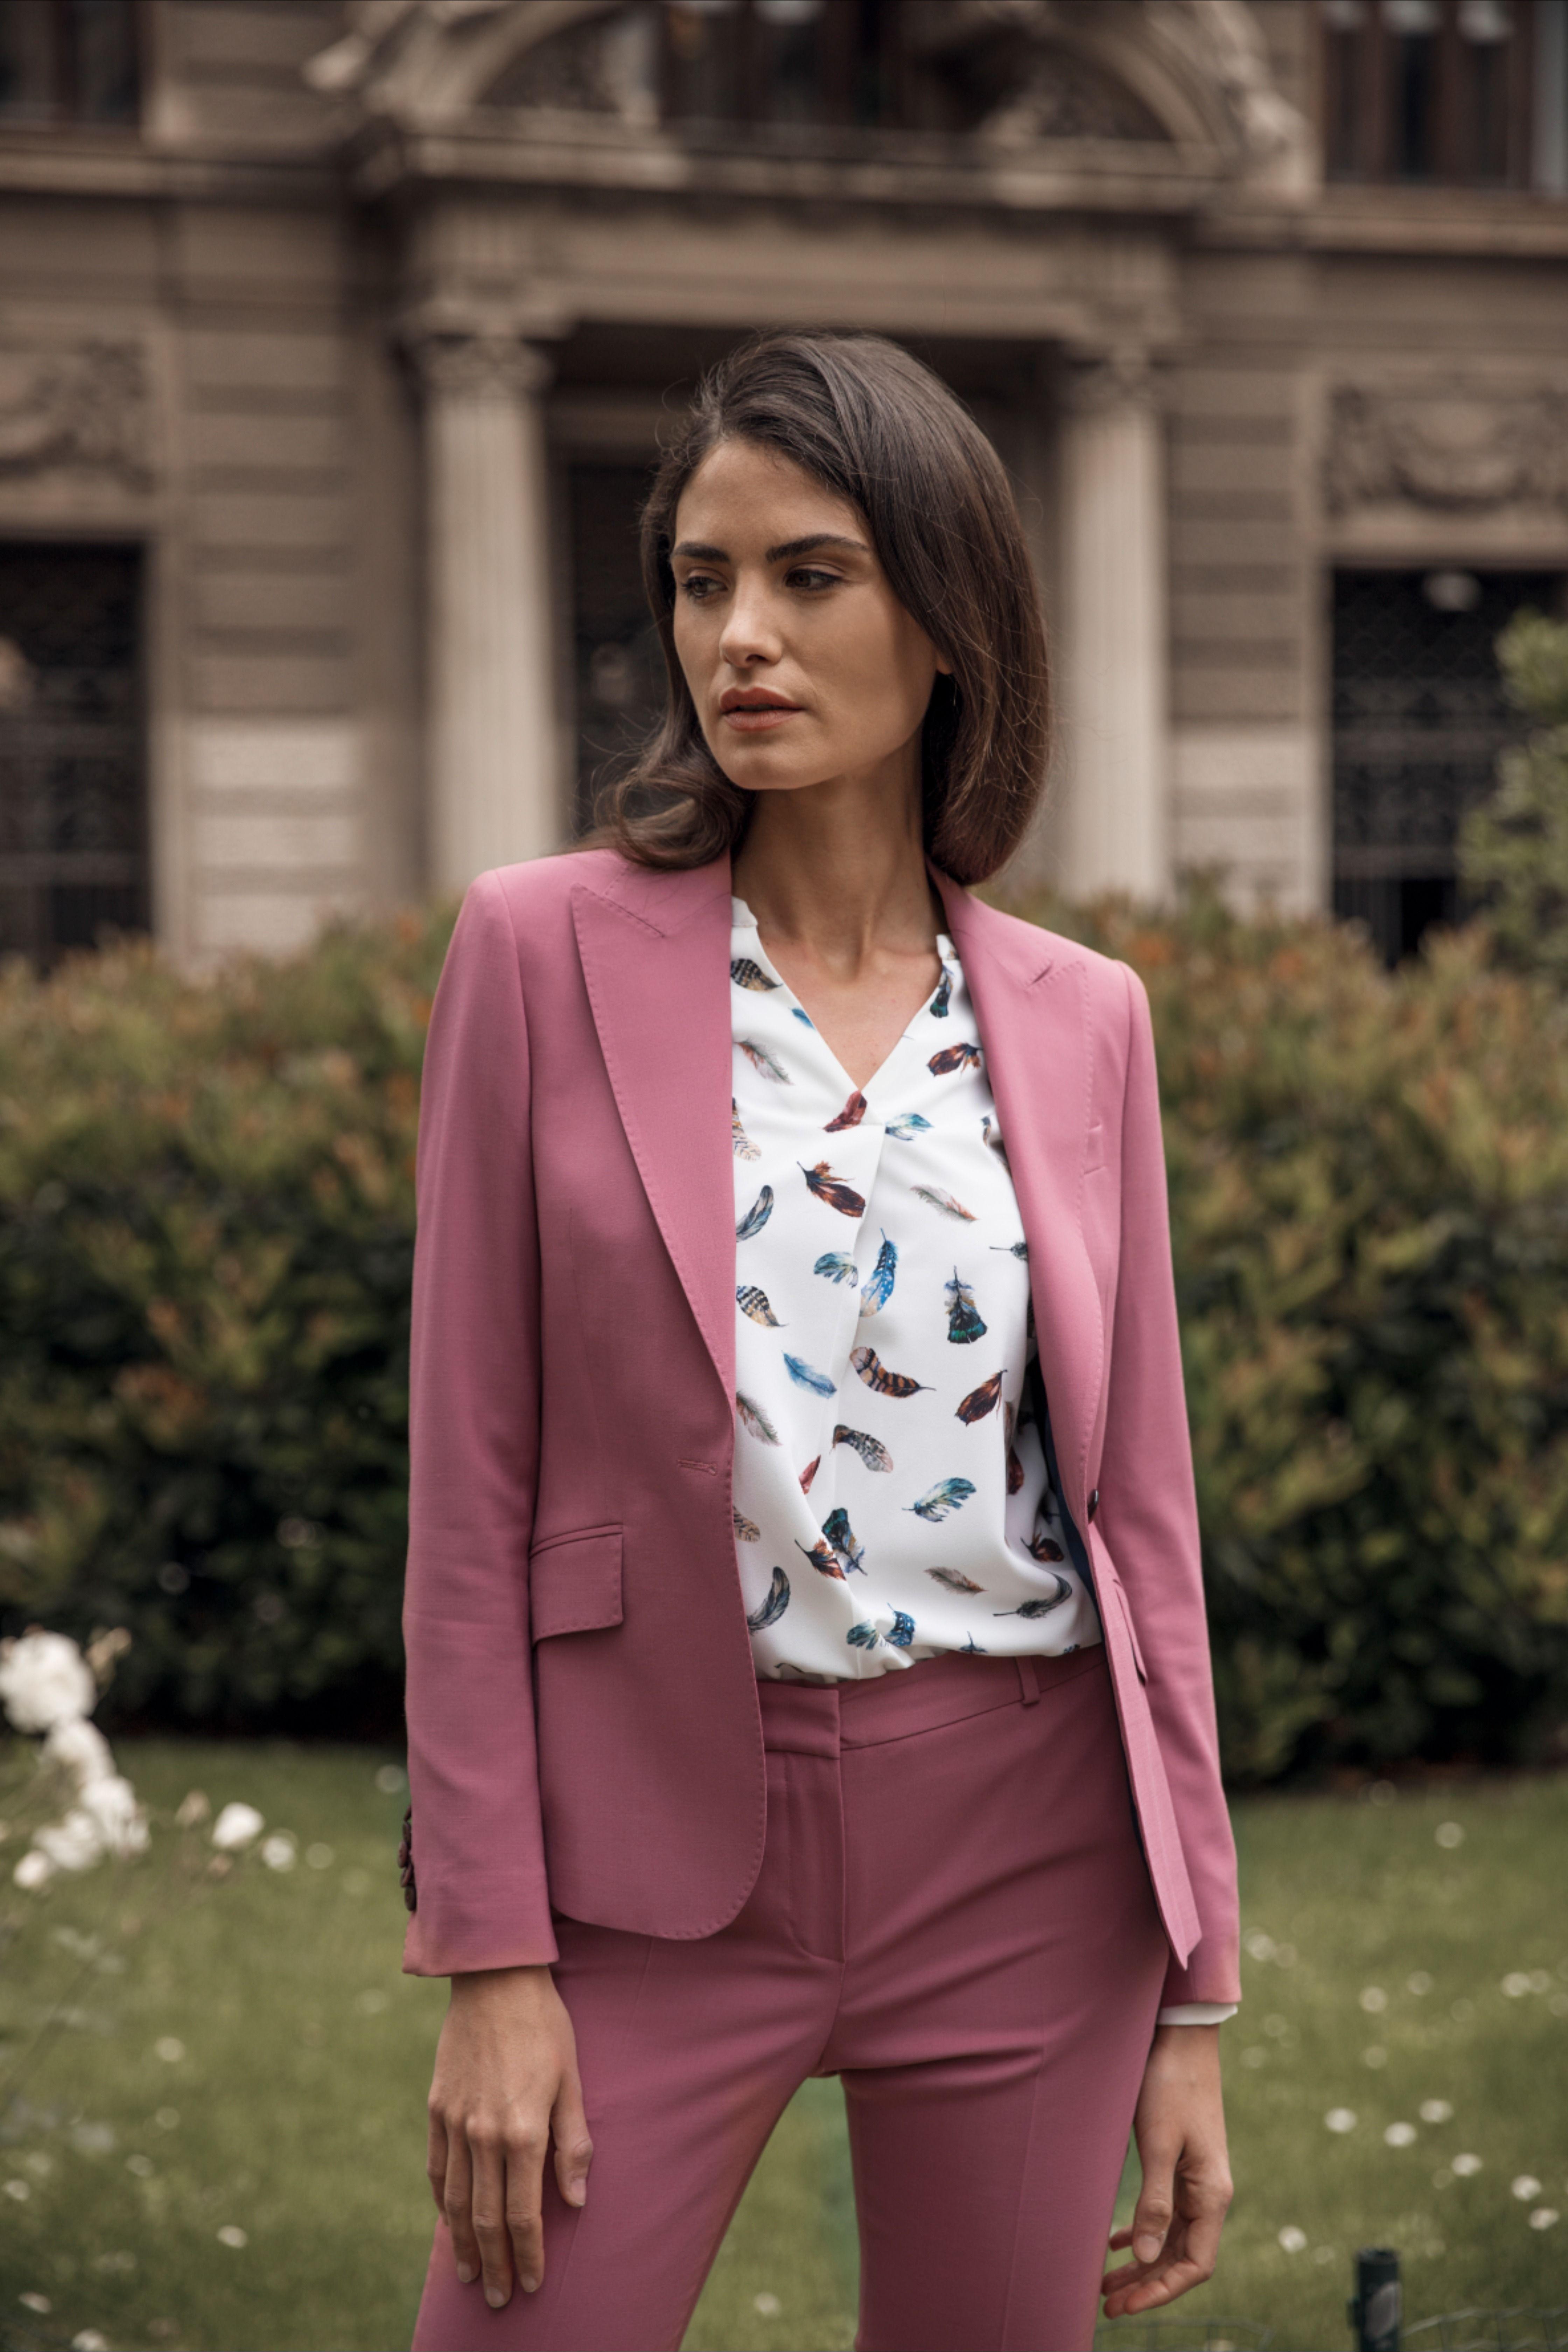 Stylish Italian fashion for women Cavallaro Napoli in 2020